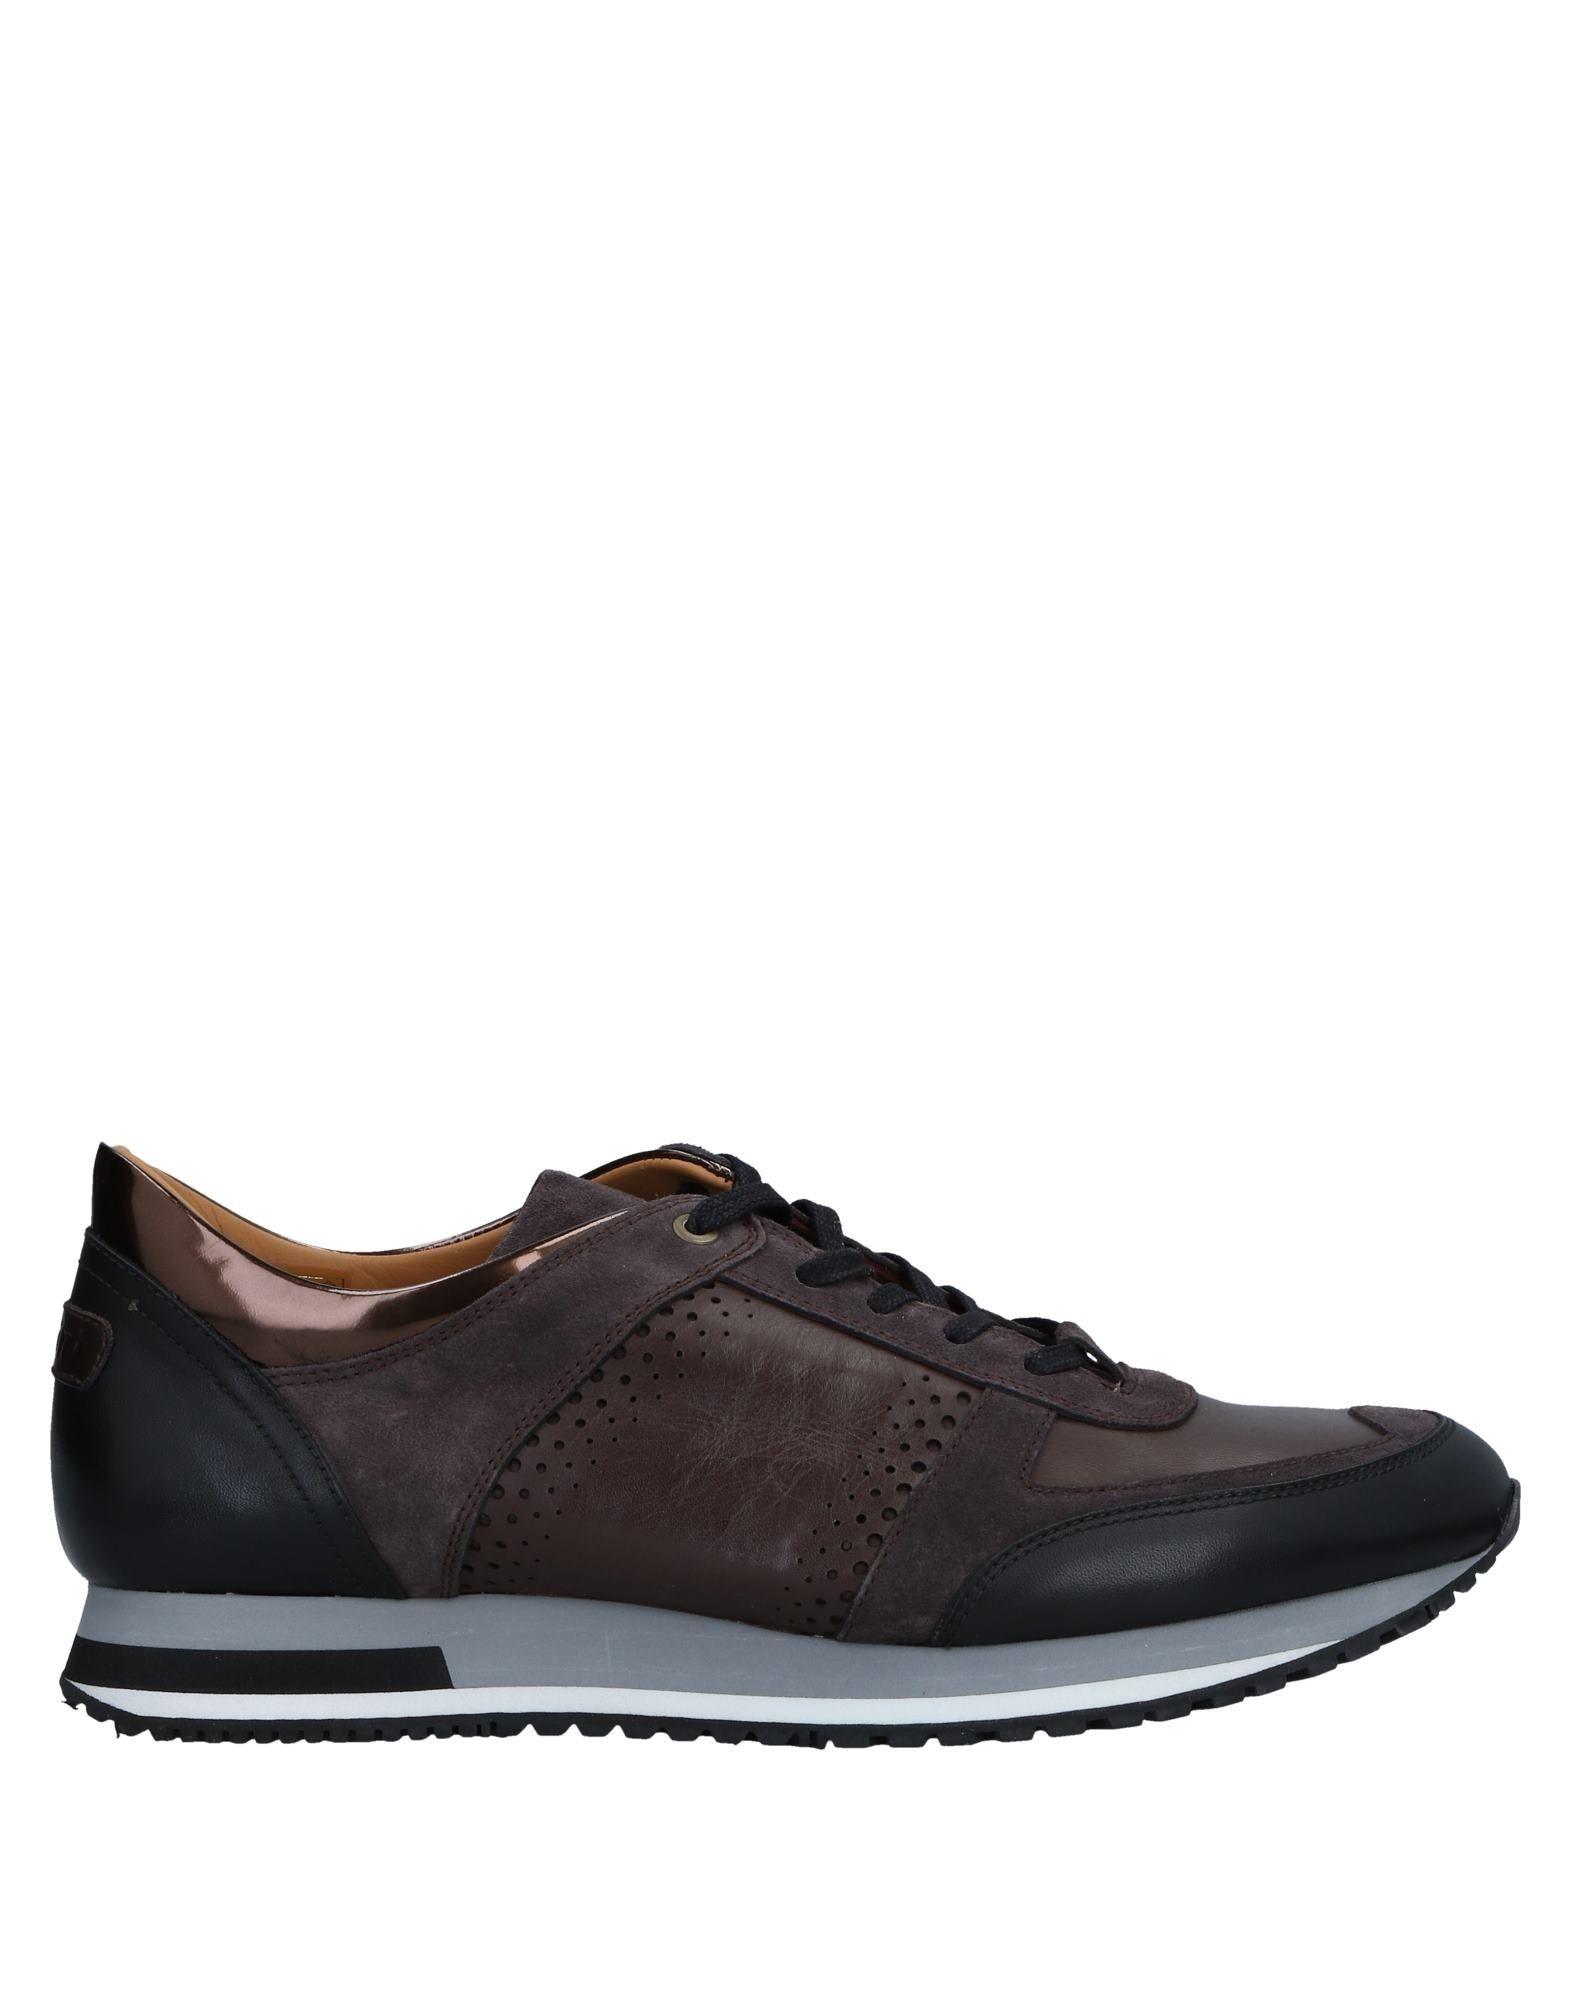 Rabatt echte Schuhe Pertini Sneakers Herren  11534494JP